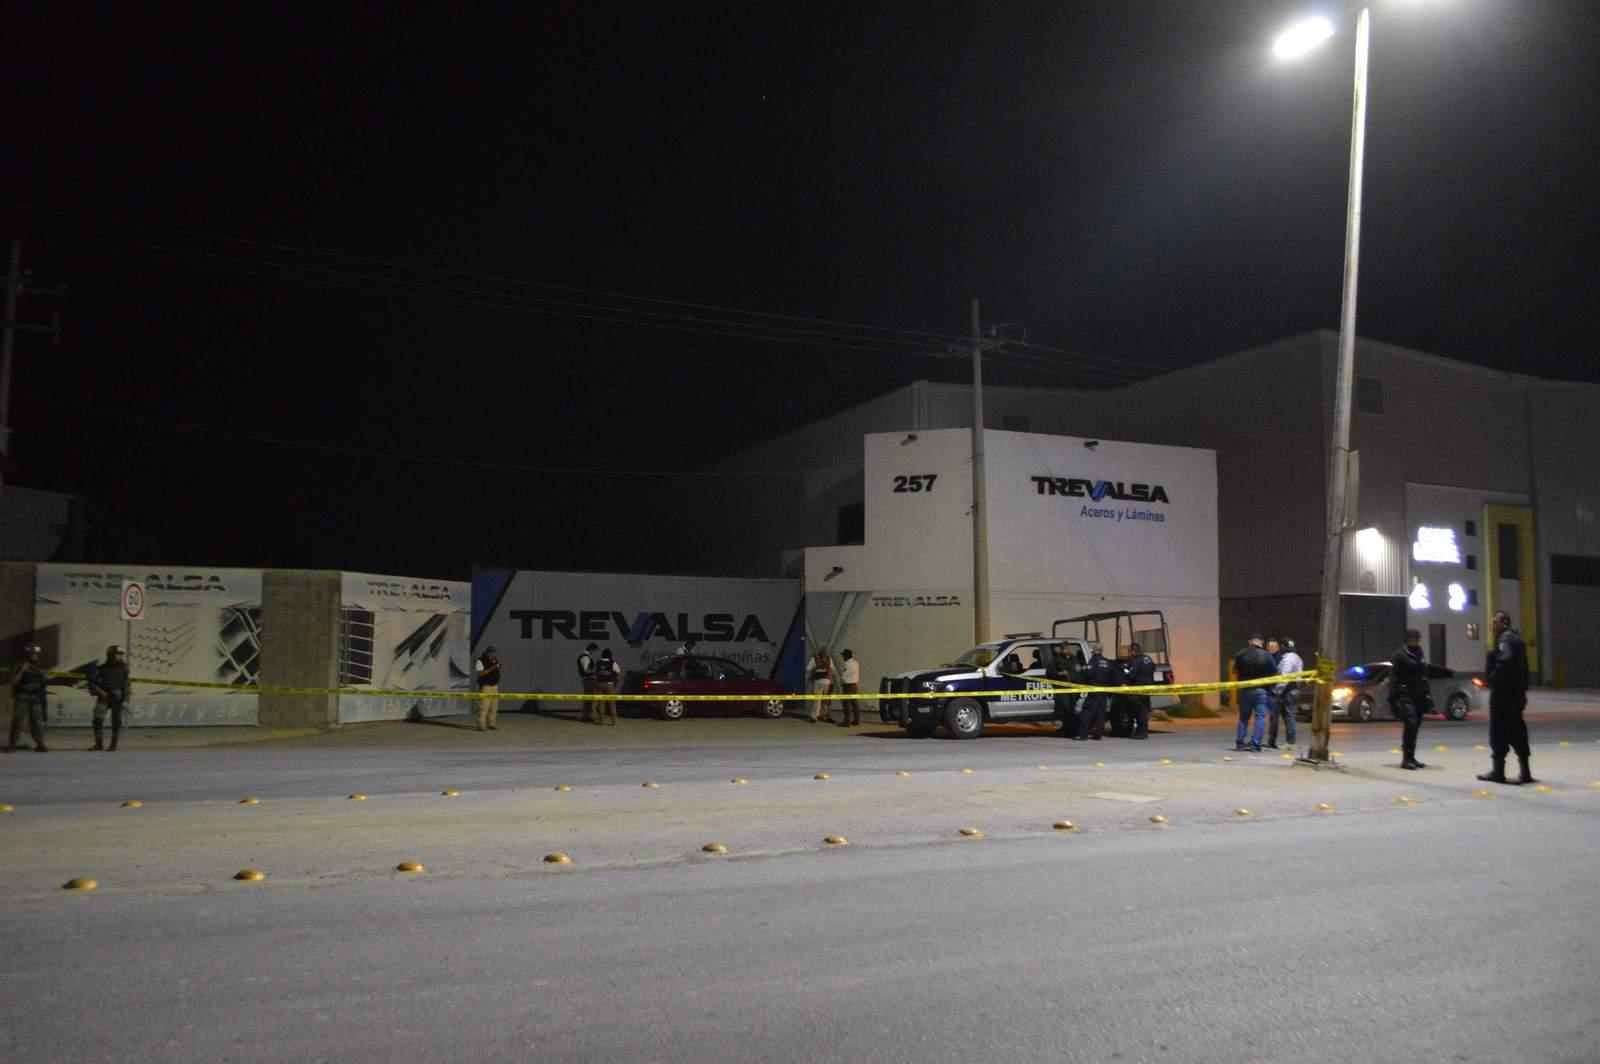 Balean y lanzan explosivo contra negocio en Torreón